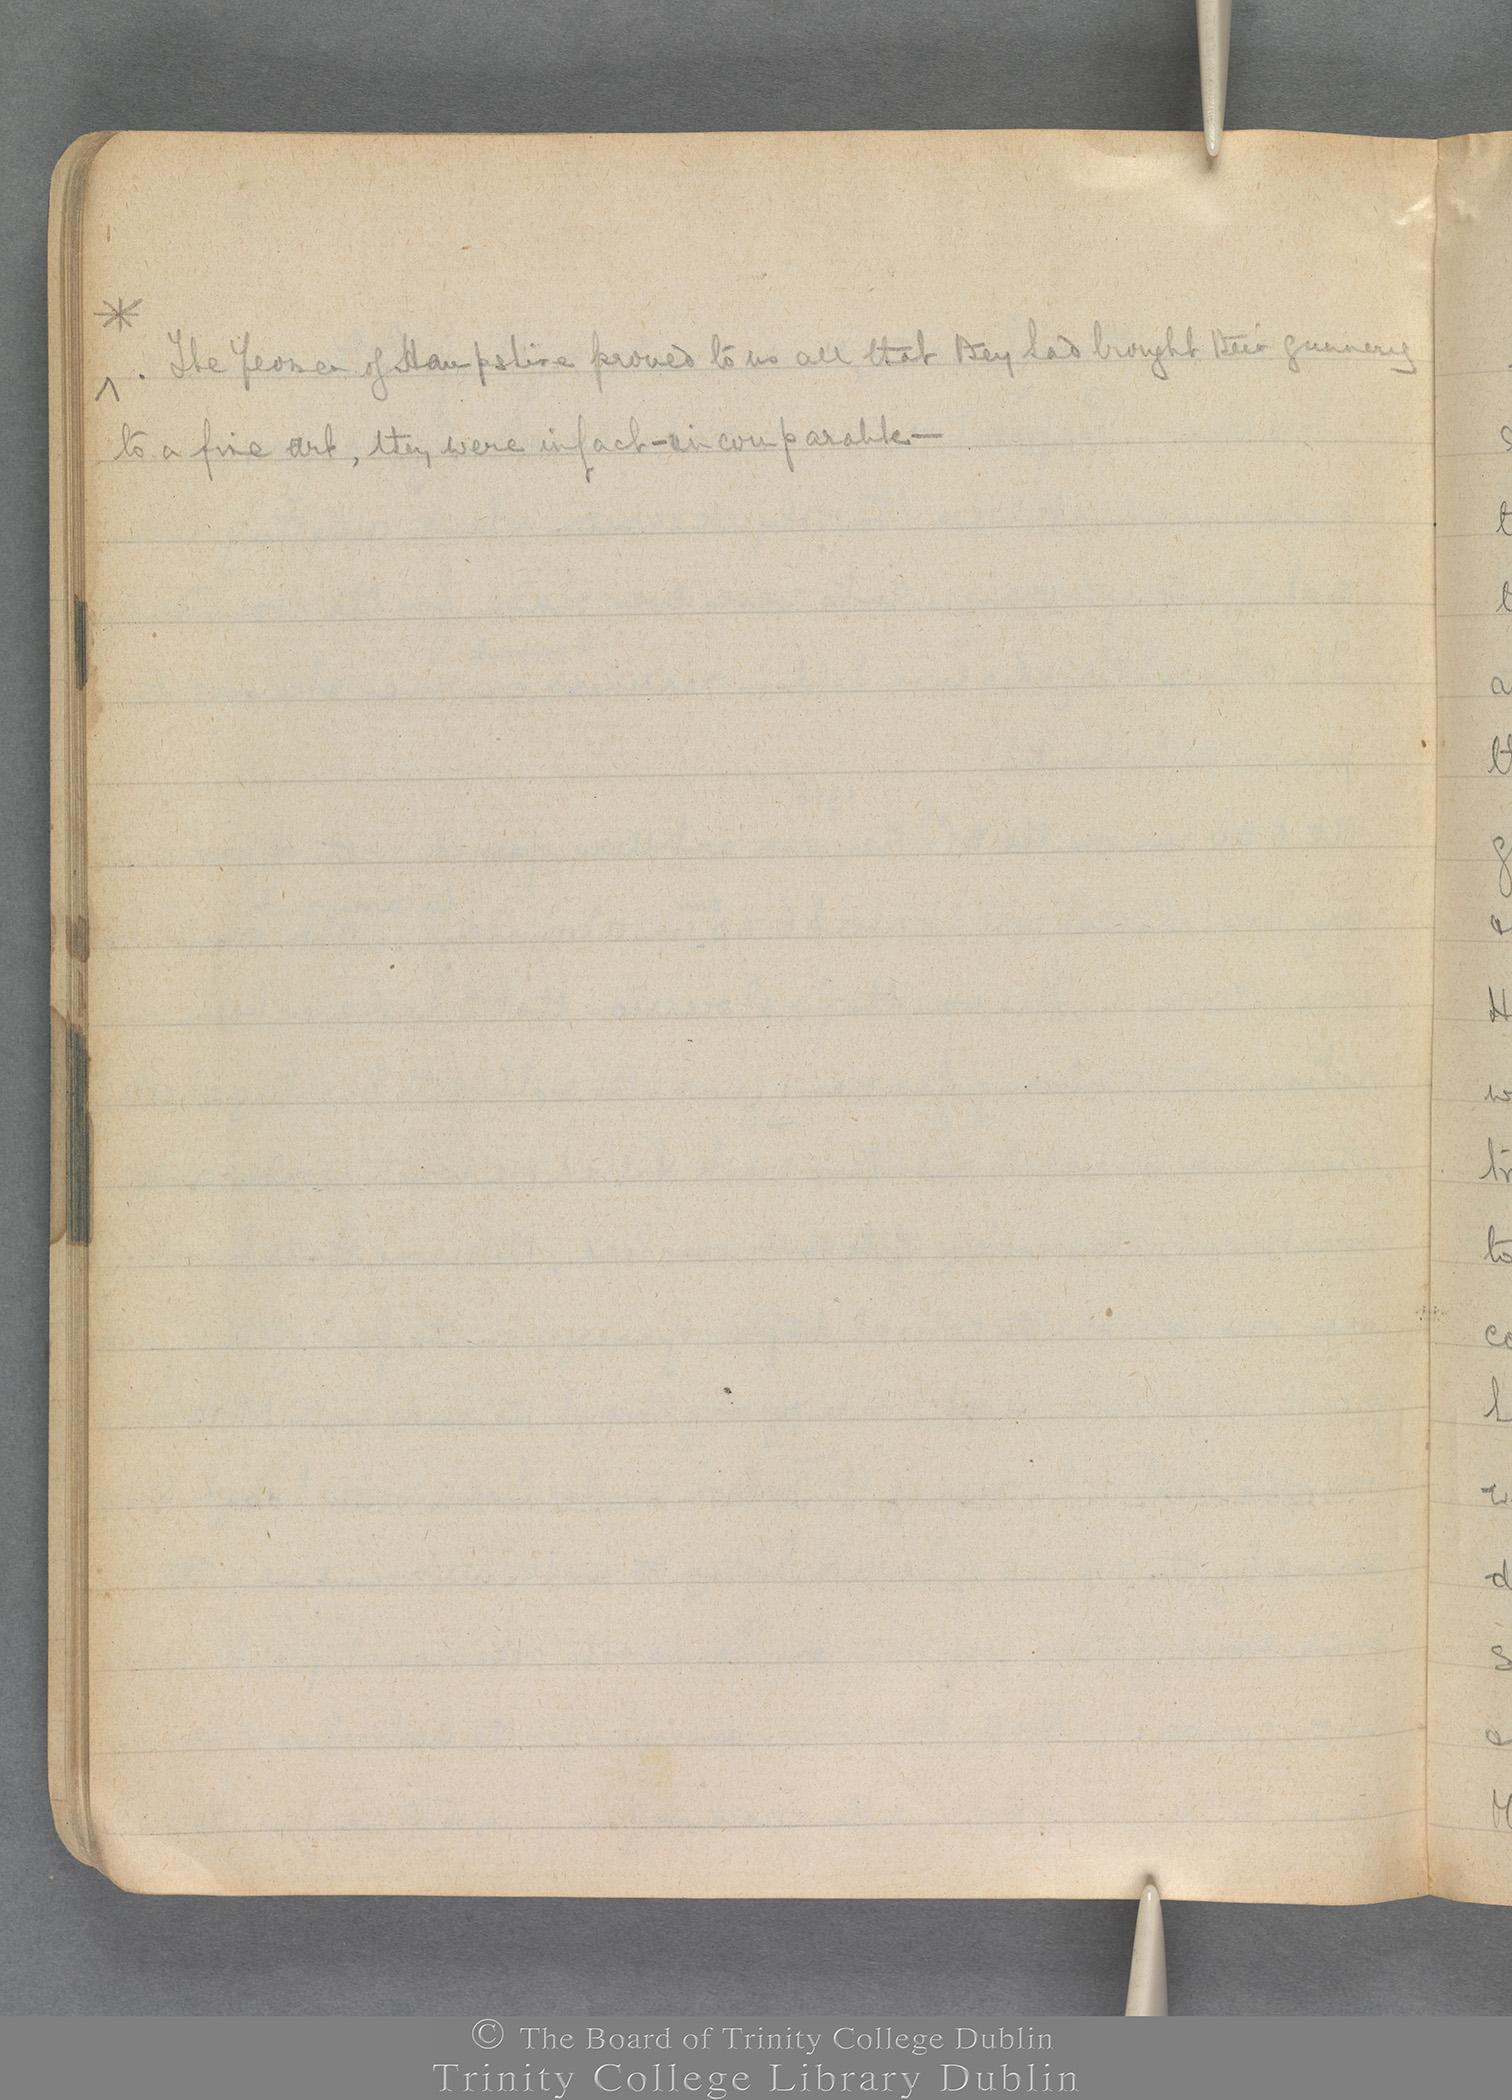 TCD MS 3414 folio 20 verso